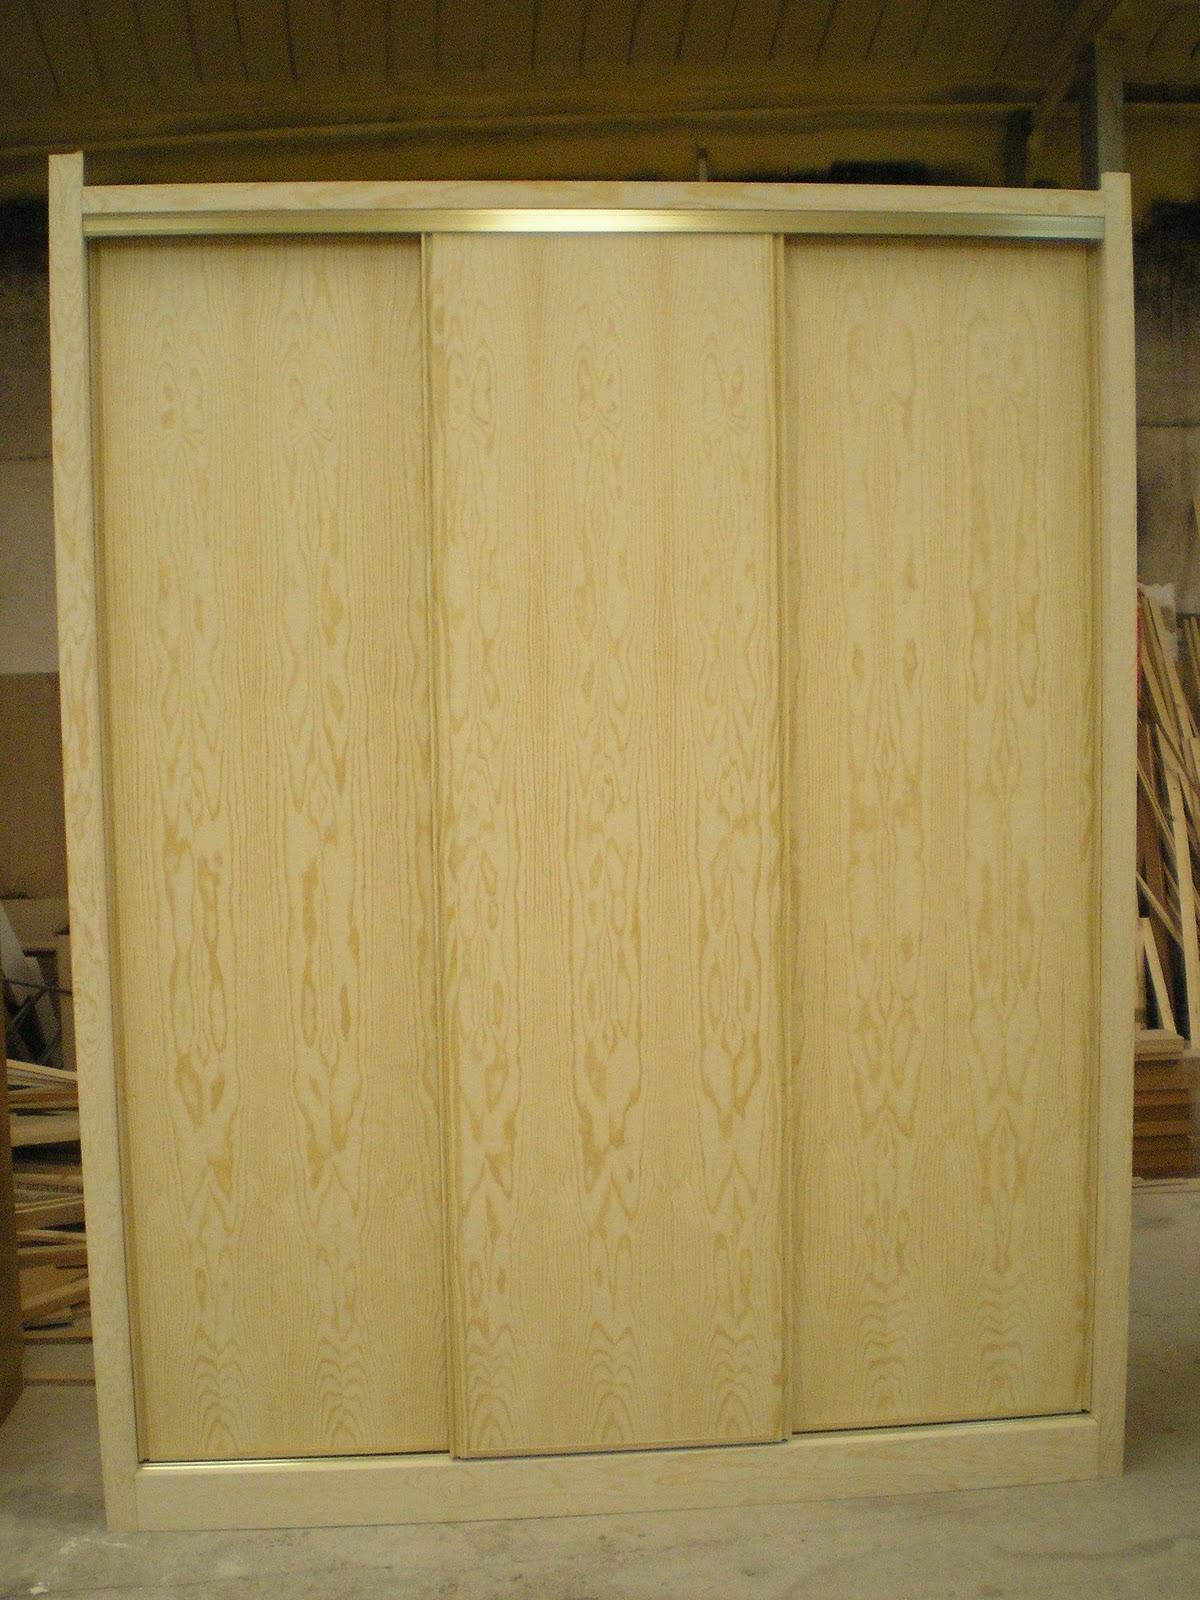 Ebanisteria dmh montajes armarios puertas correderas re chapado de pino natural - Montaje de puertas ...